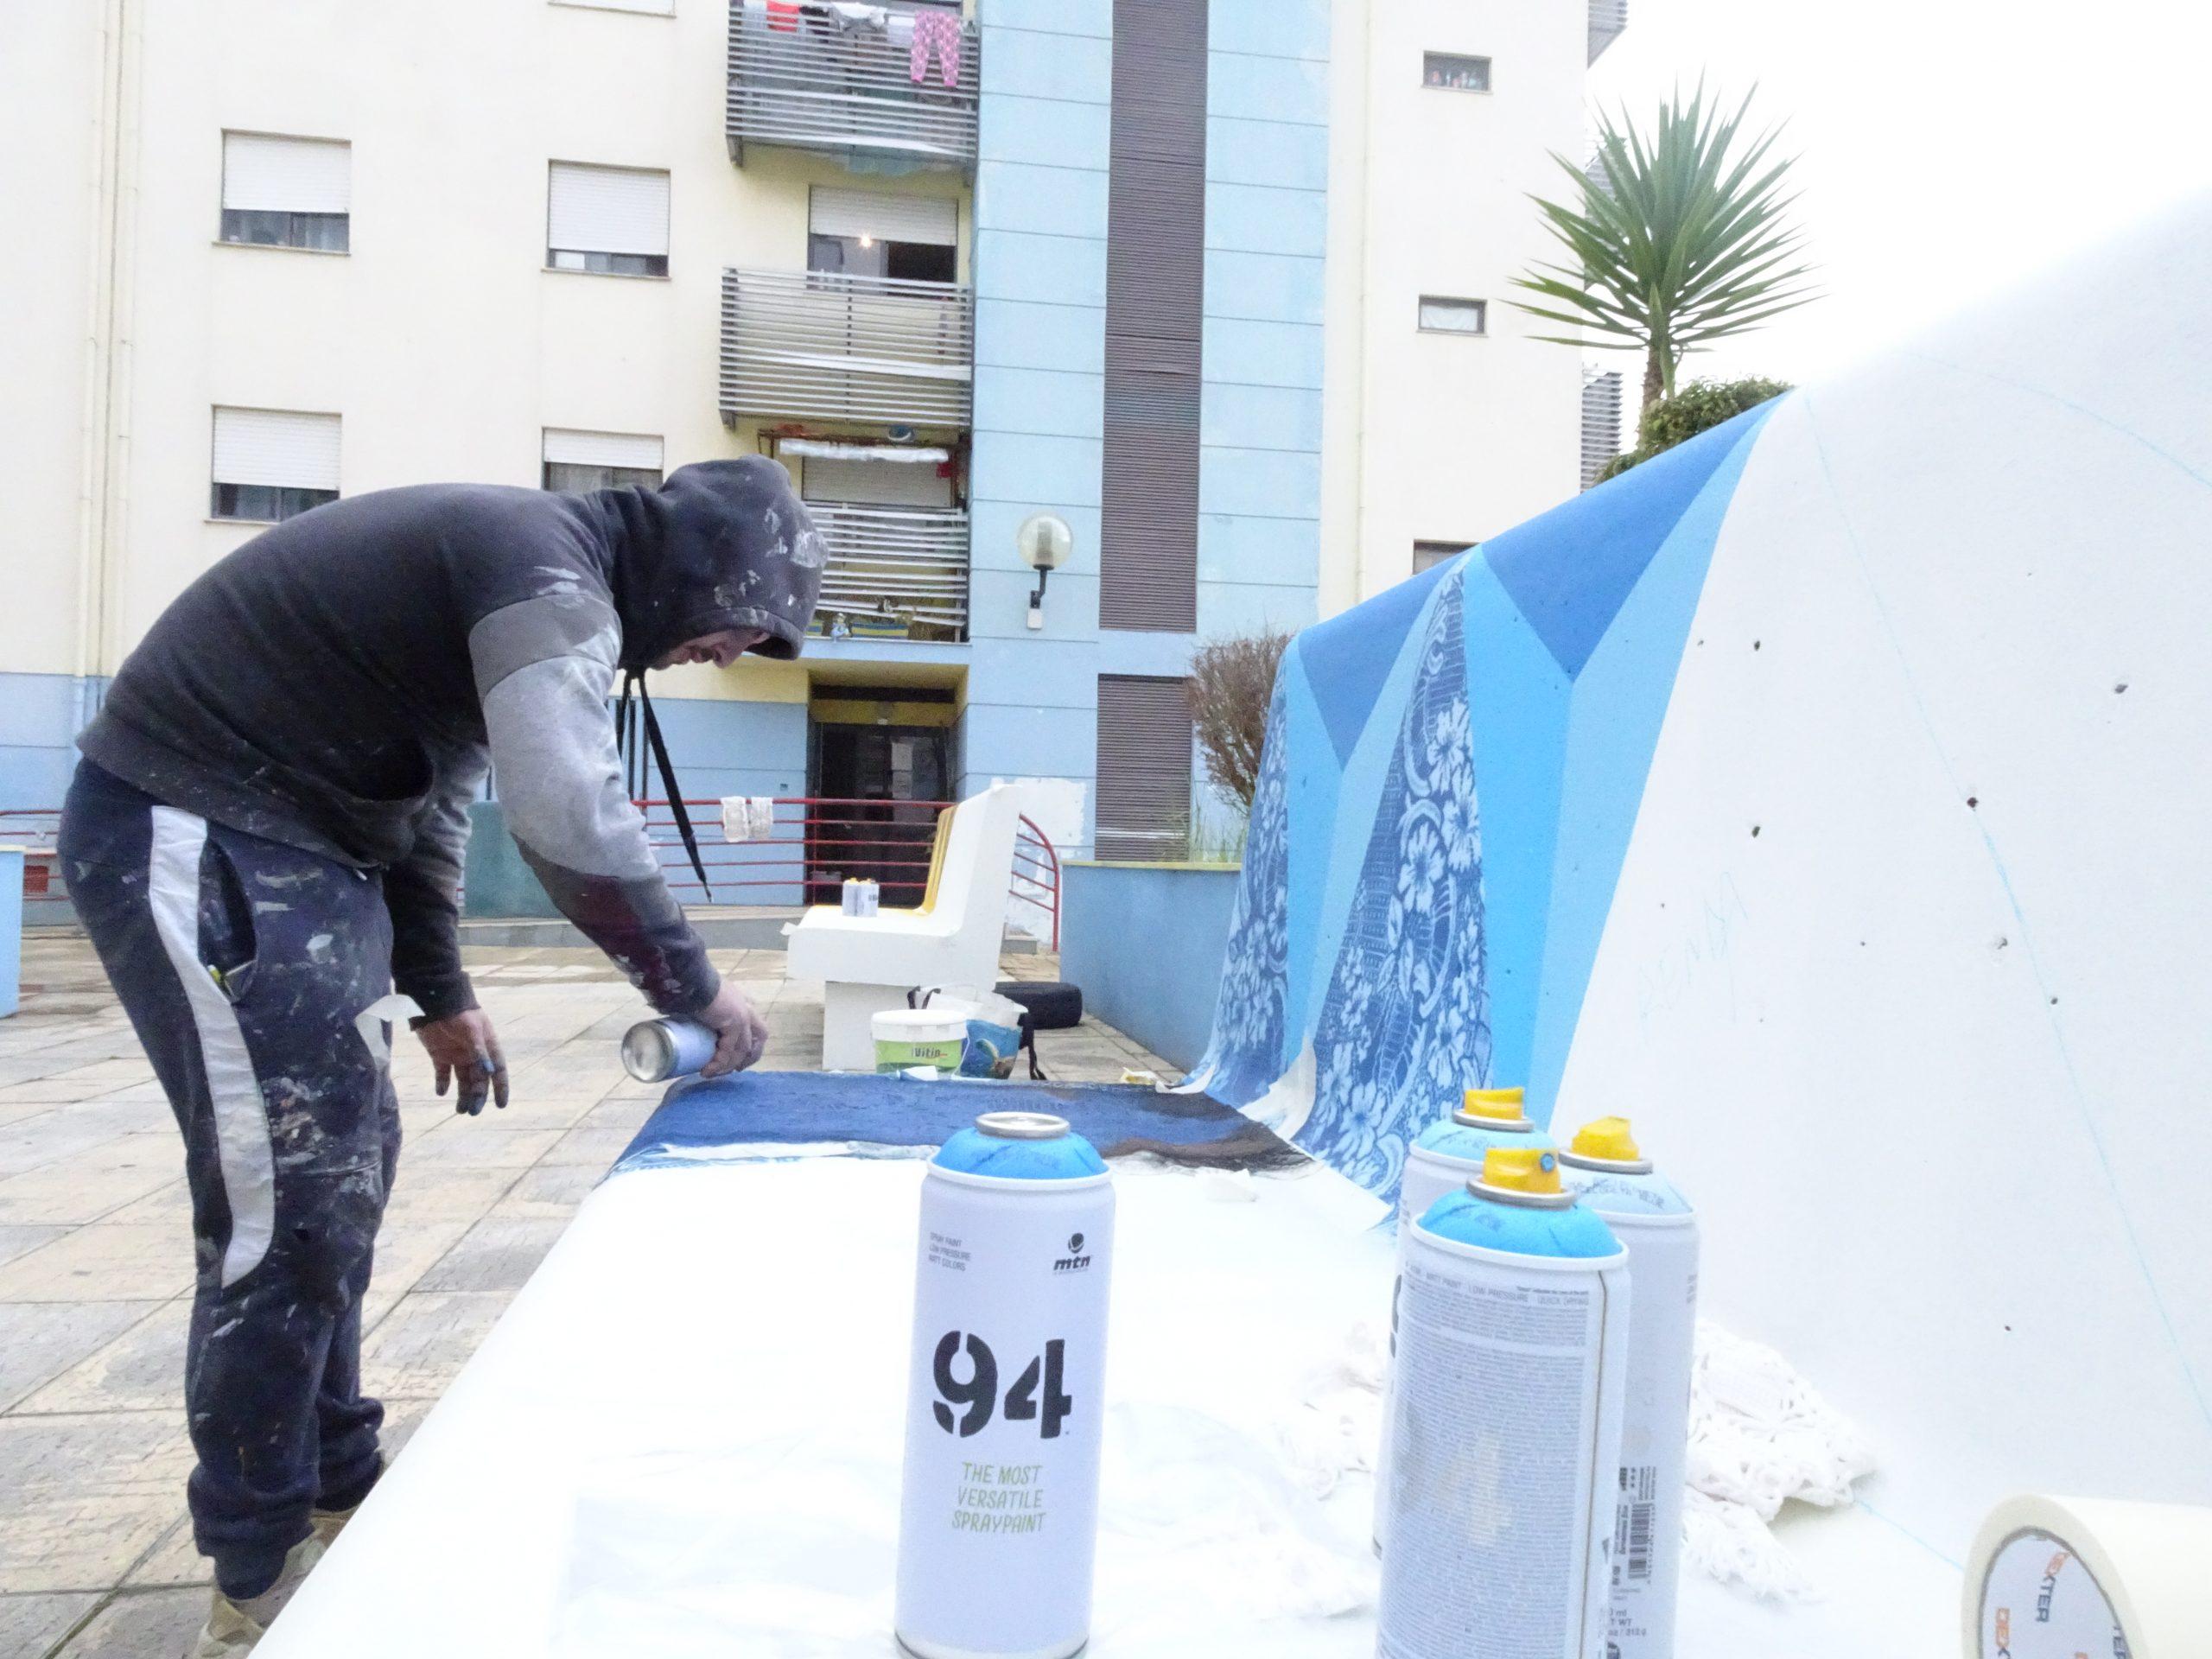 Transformámos bancos de rua em obras de arte!